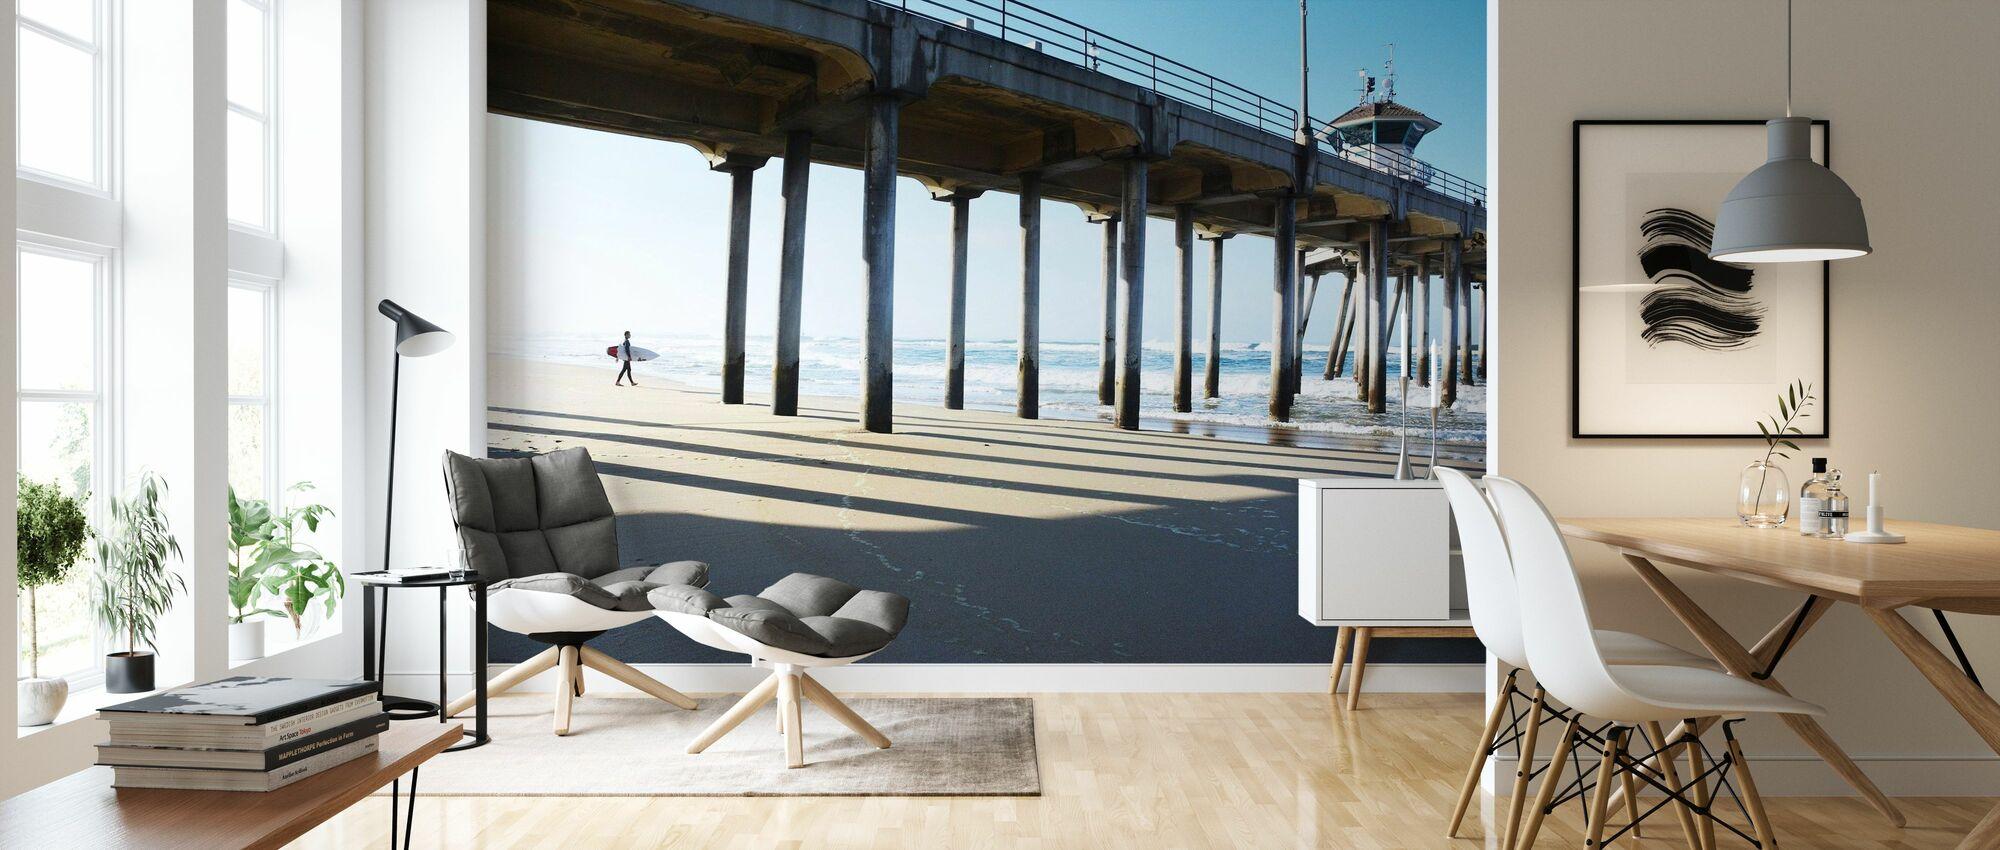 Surf City - Wallpaper - Living Room